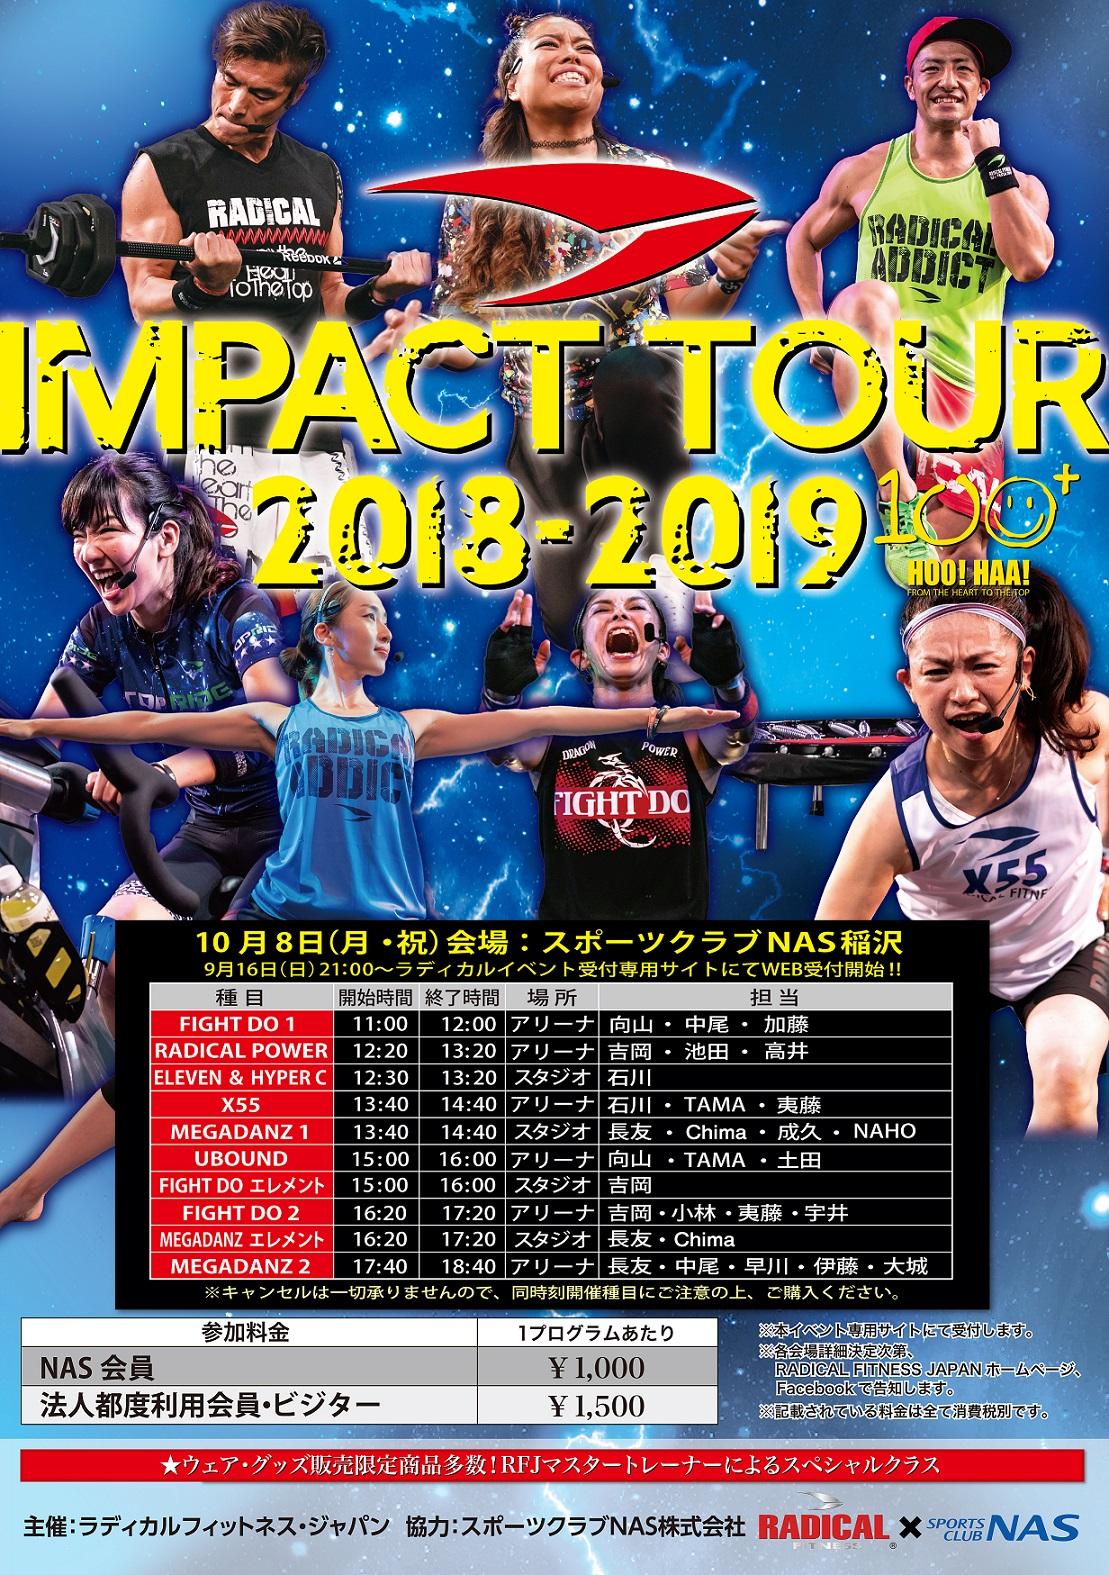 ラディカルインパクトツアー2018-2019 in NAS稲沢 NAS会員様